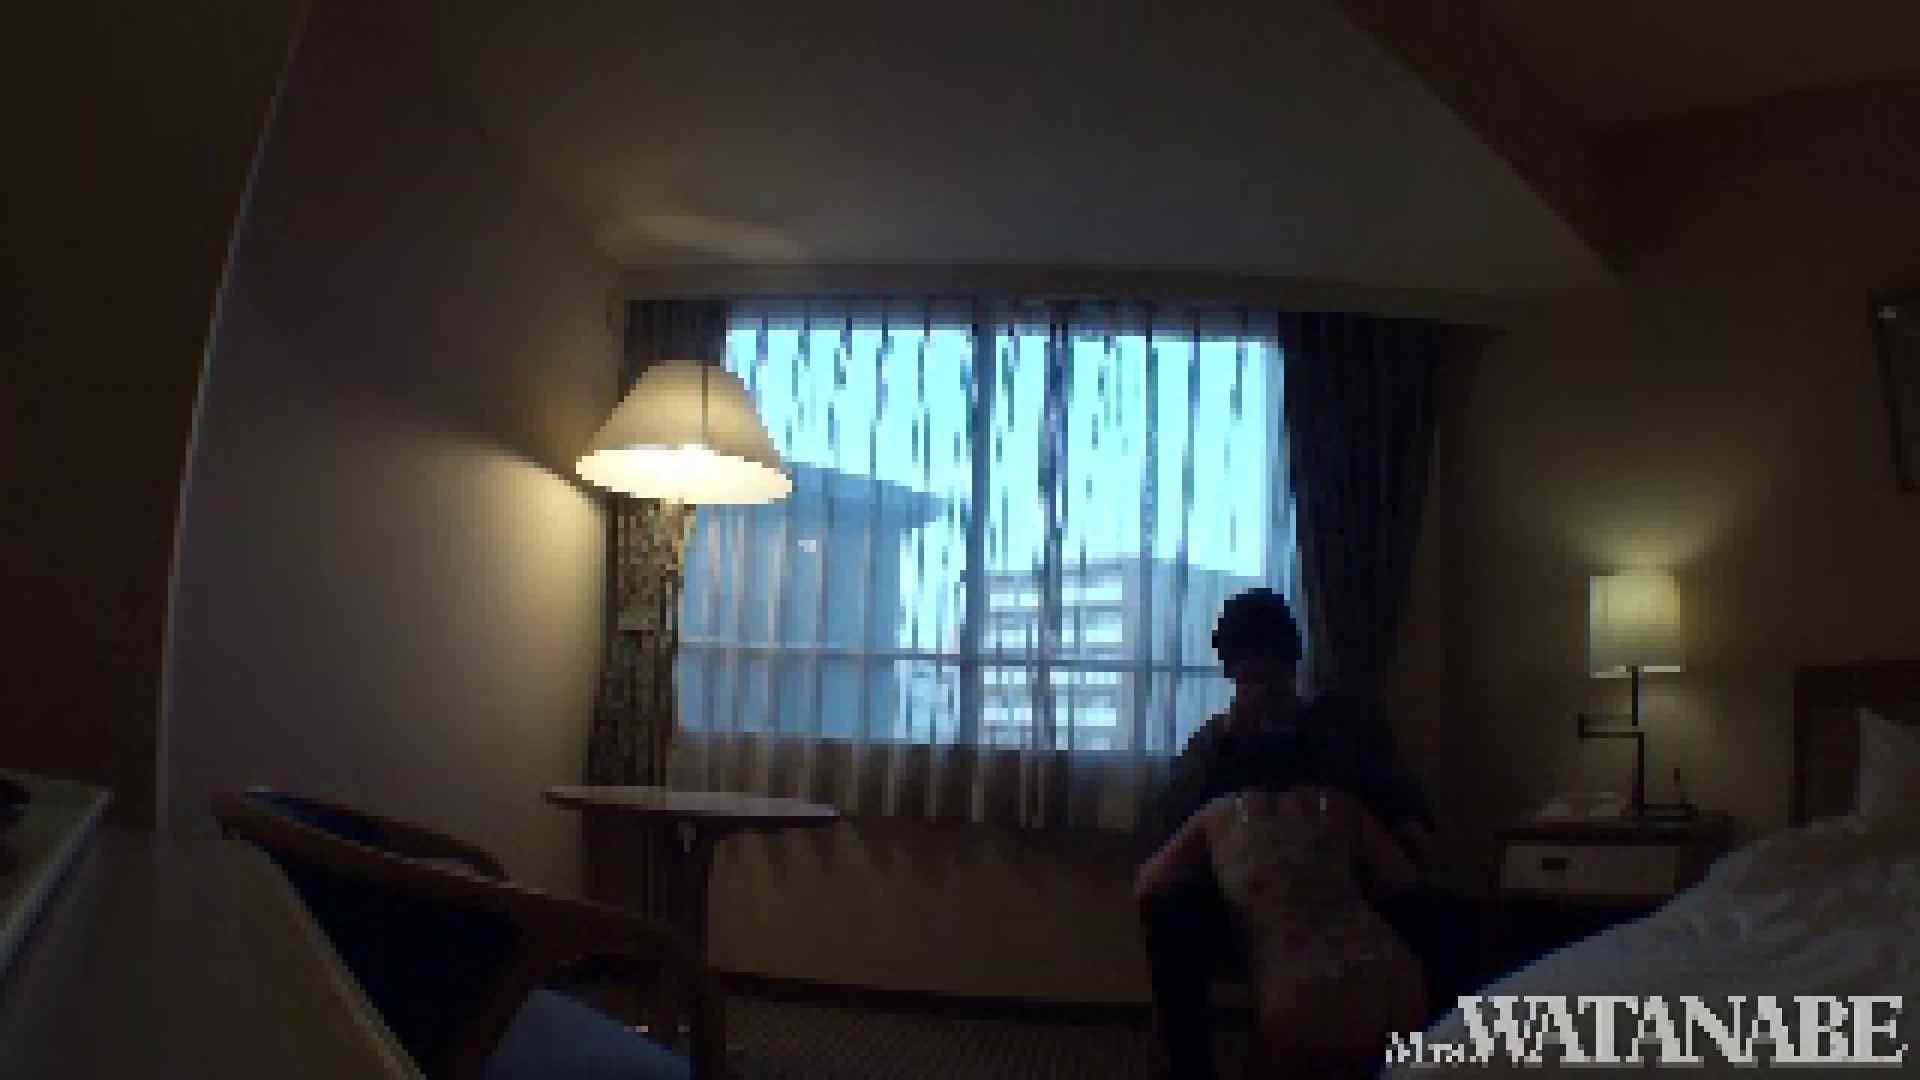 撮影スタッフを誘惑する痴熟女 かおり40歳 Vol.03 OLのエッチ | 熟女のエッチ  93pic 11